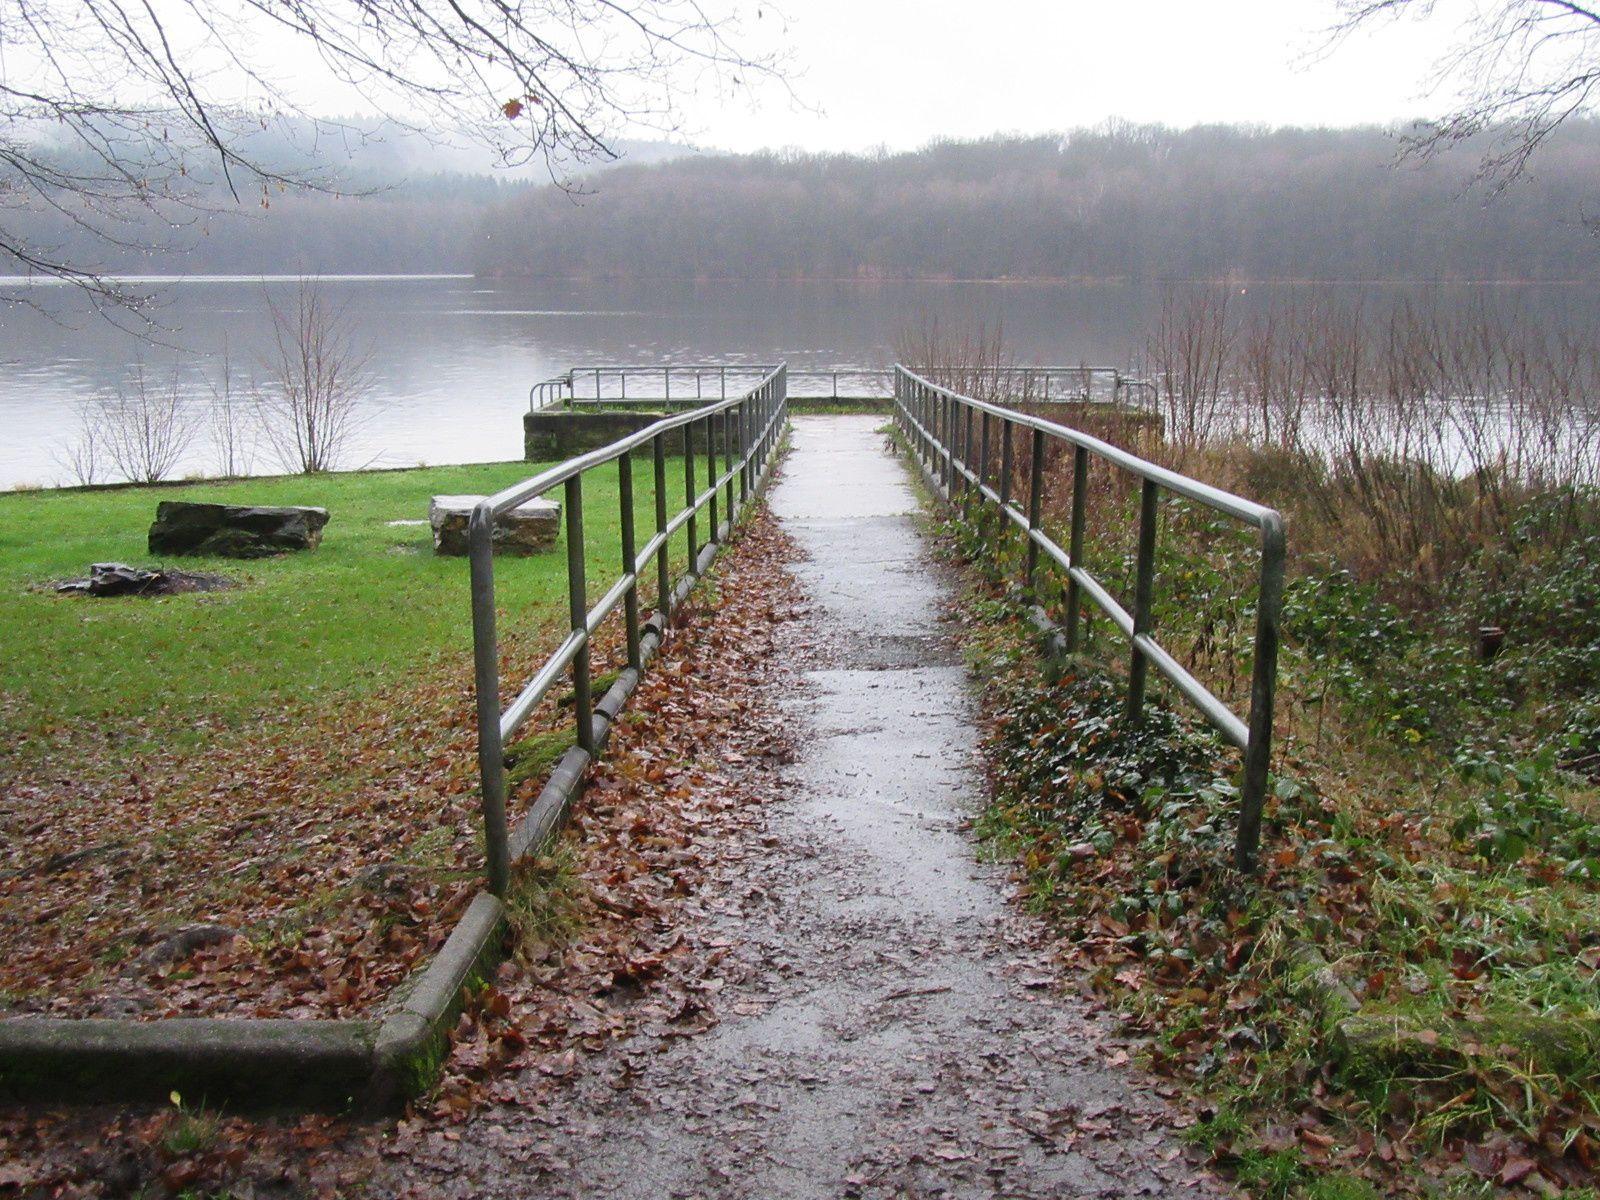 Stratégie de développement touristique de la base de loisirs du Lac des Vieilles Forges